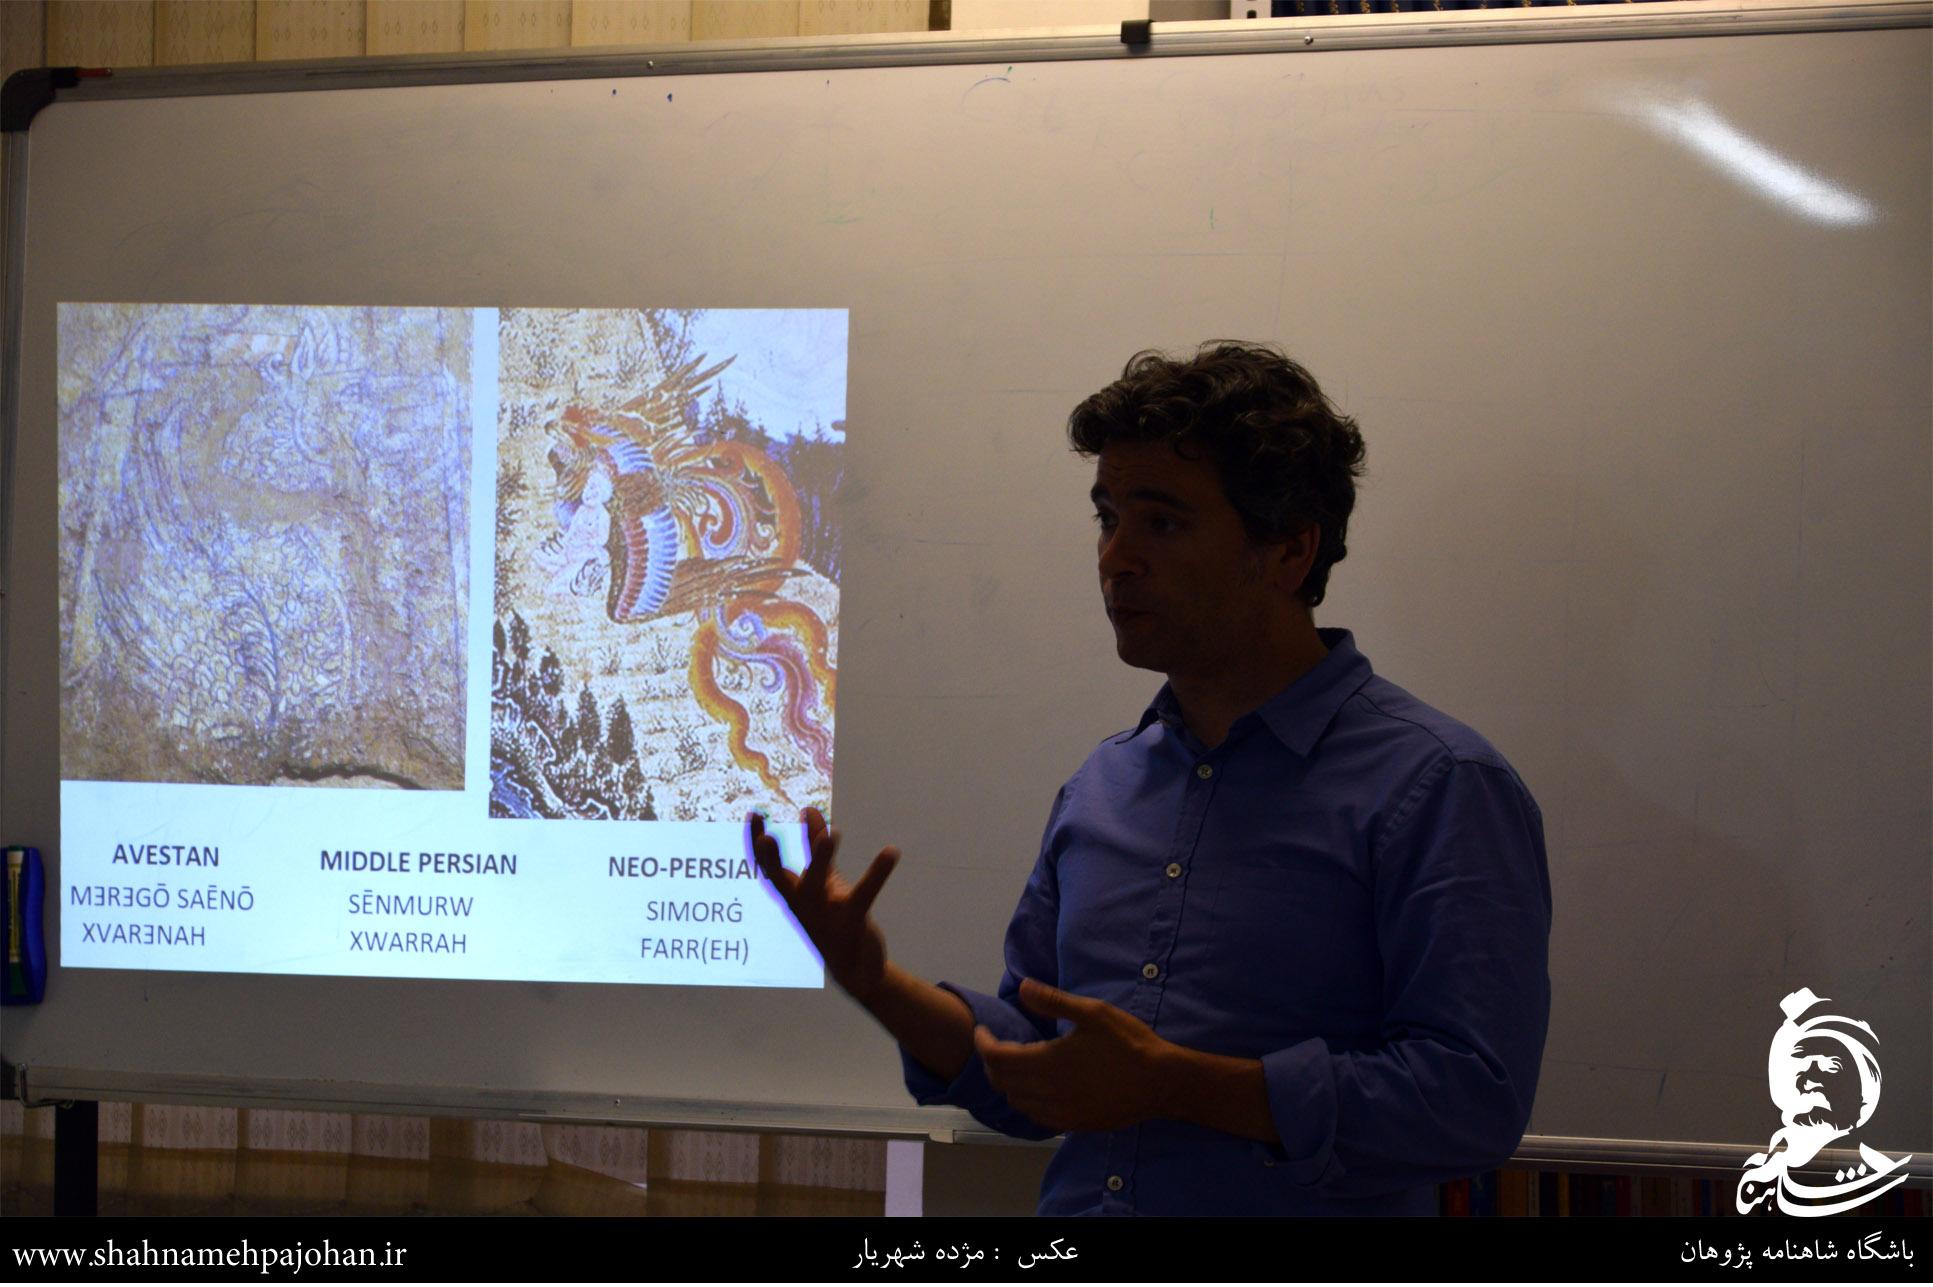 سخنرانی متیو کامپرتی